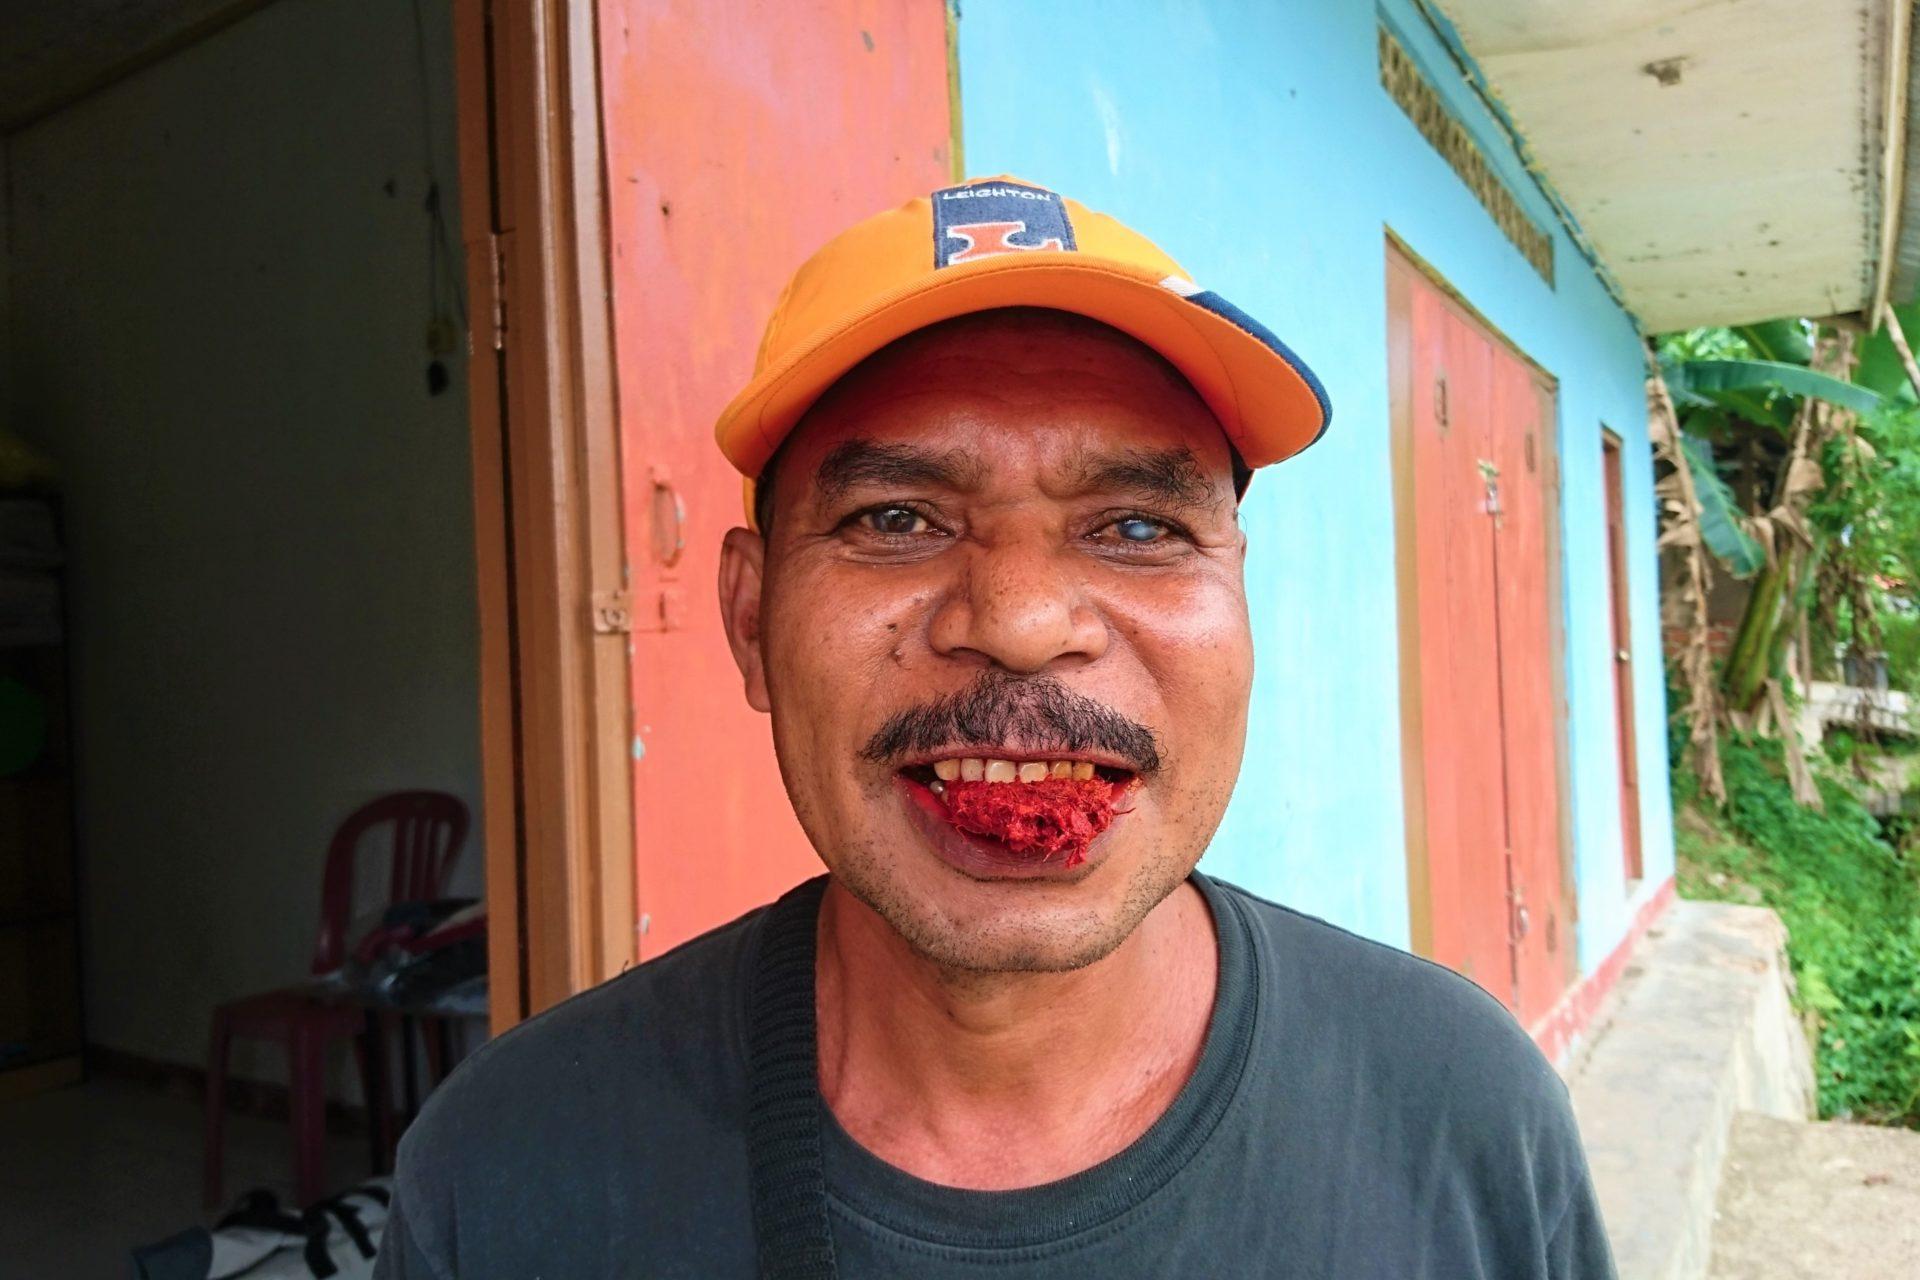 Betelnuss Kauen färbt Mund rot